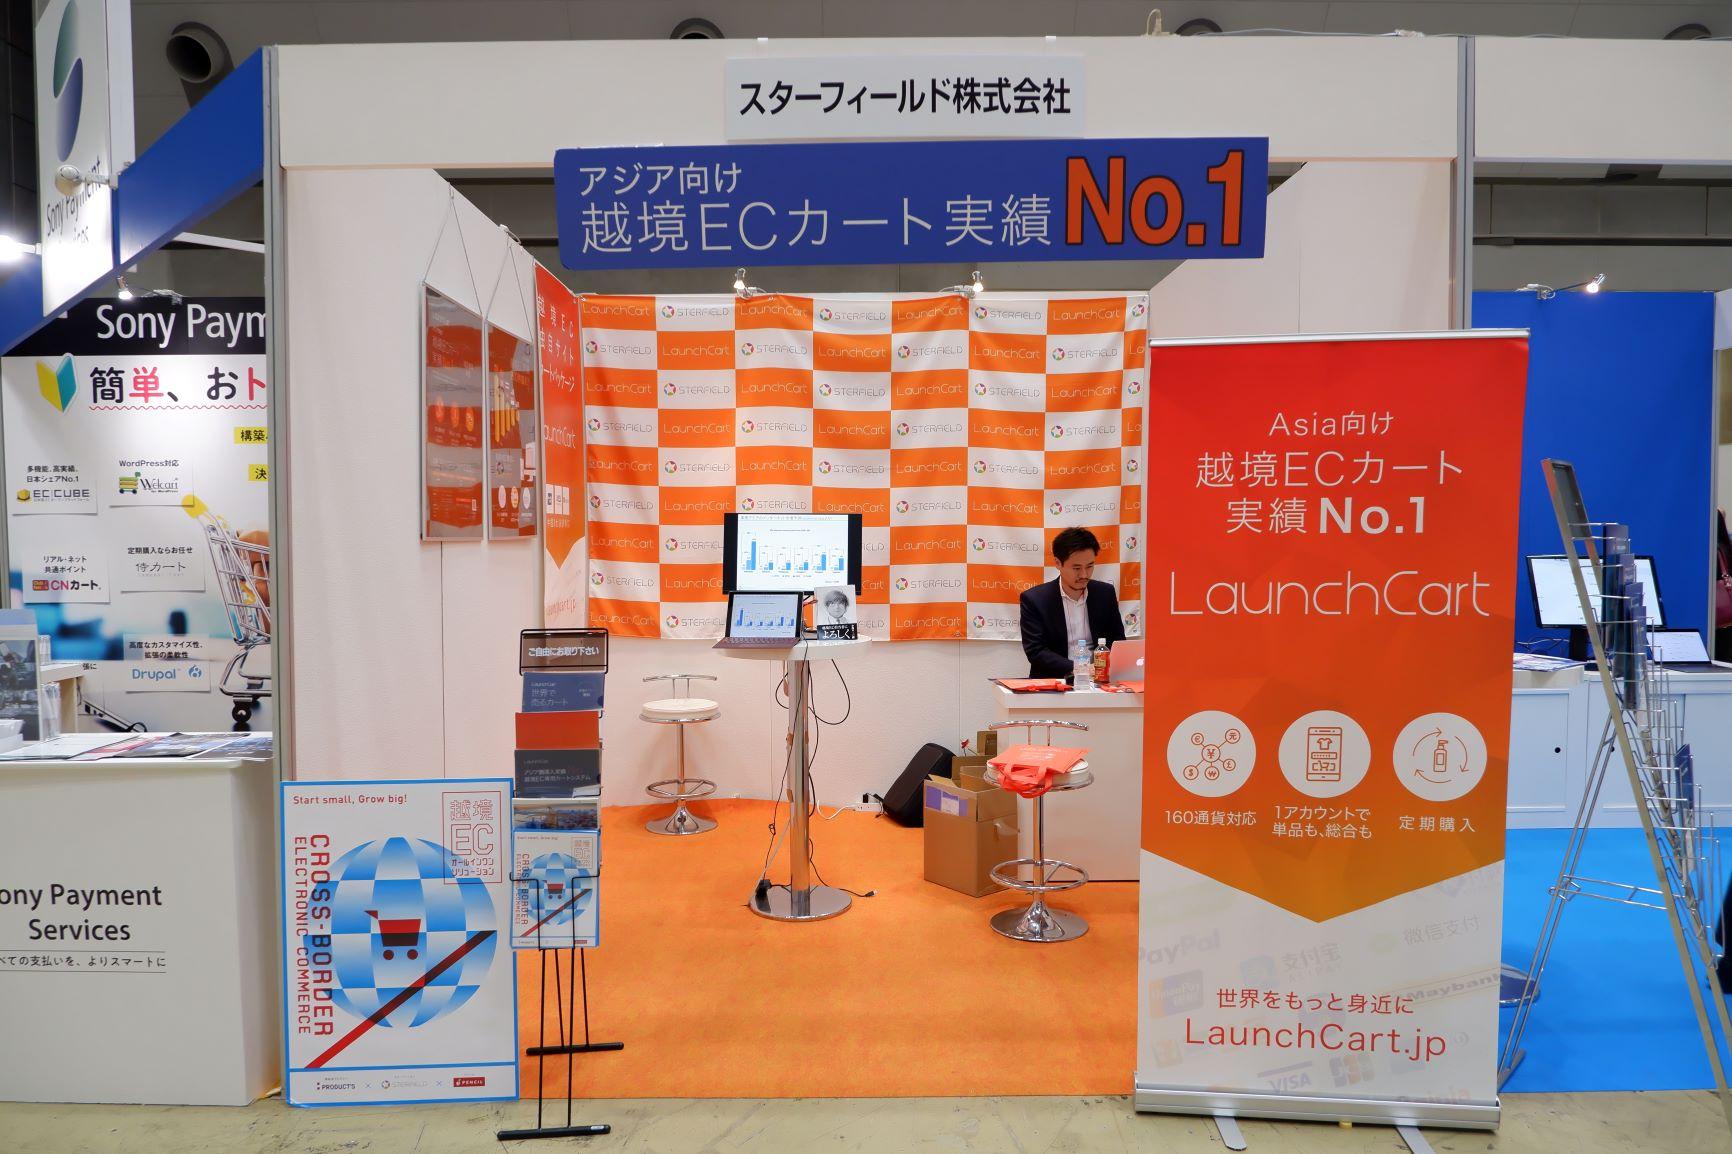 DMフェア2019 通販・EC expoご来場ありがとうございました。